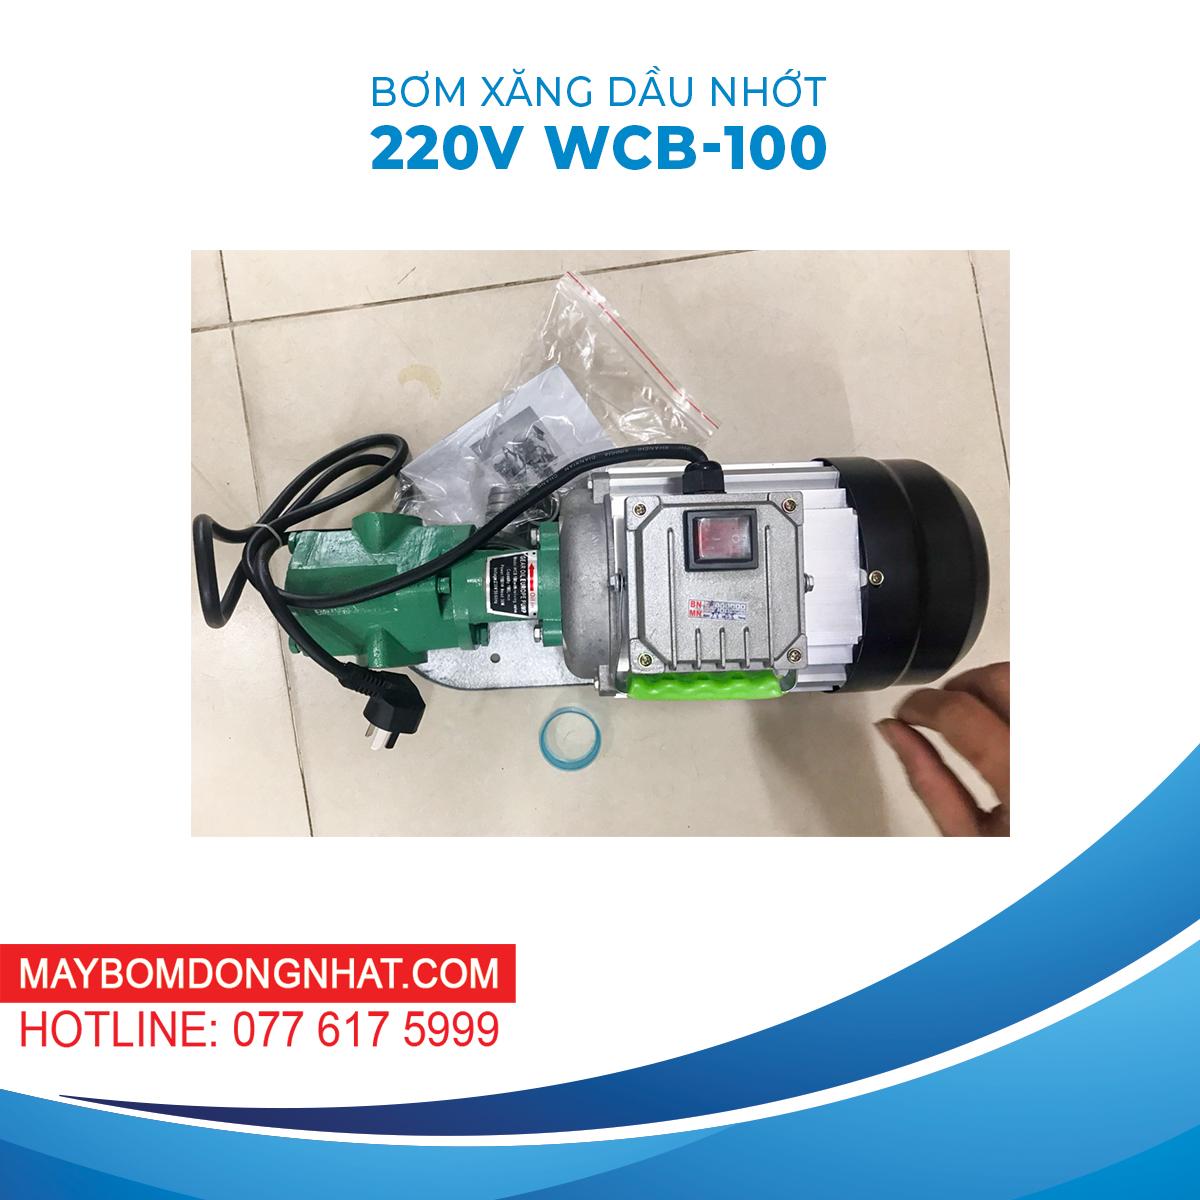 Máy Bơm Dầu Nhớt Bánh Răng 220V 1100W 100LP